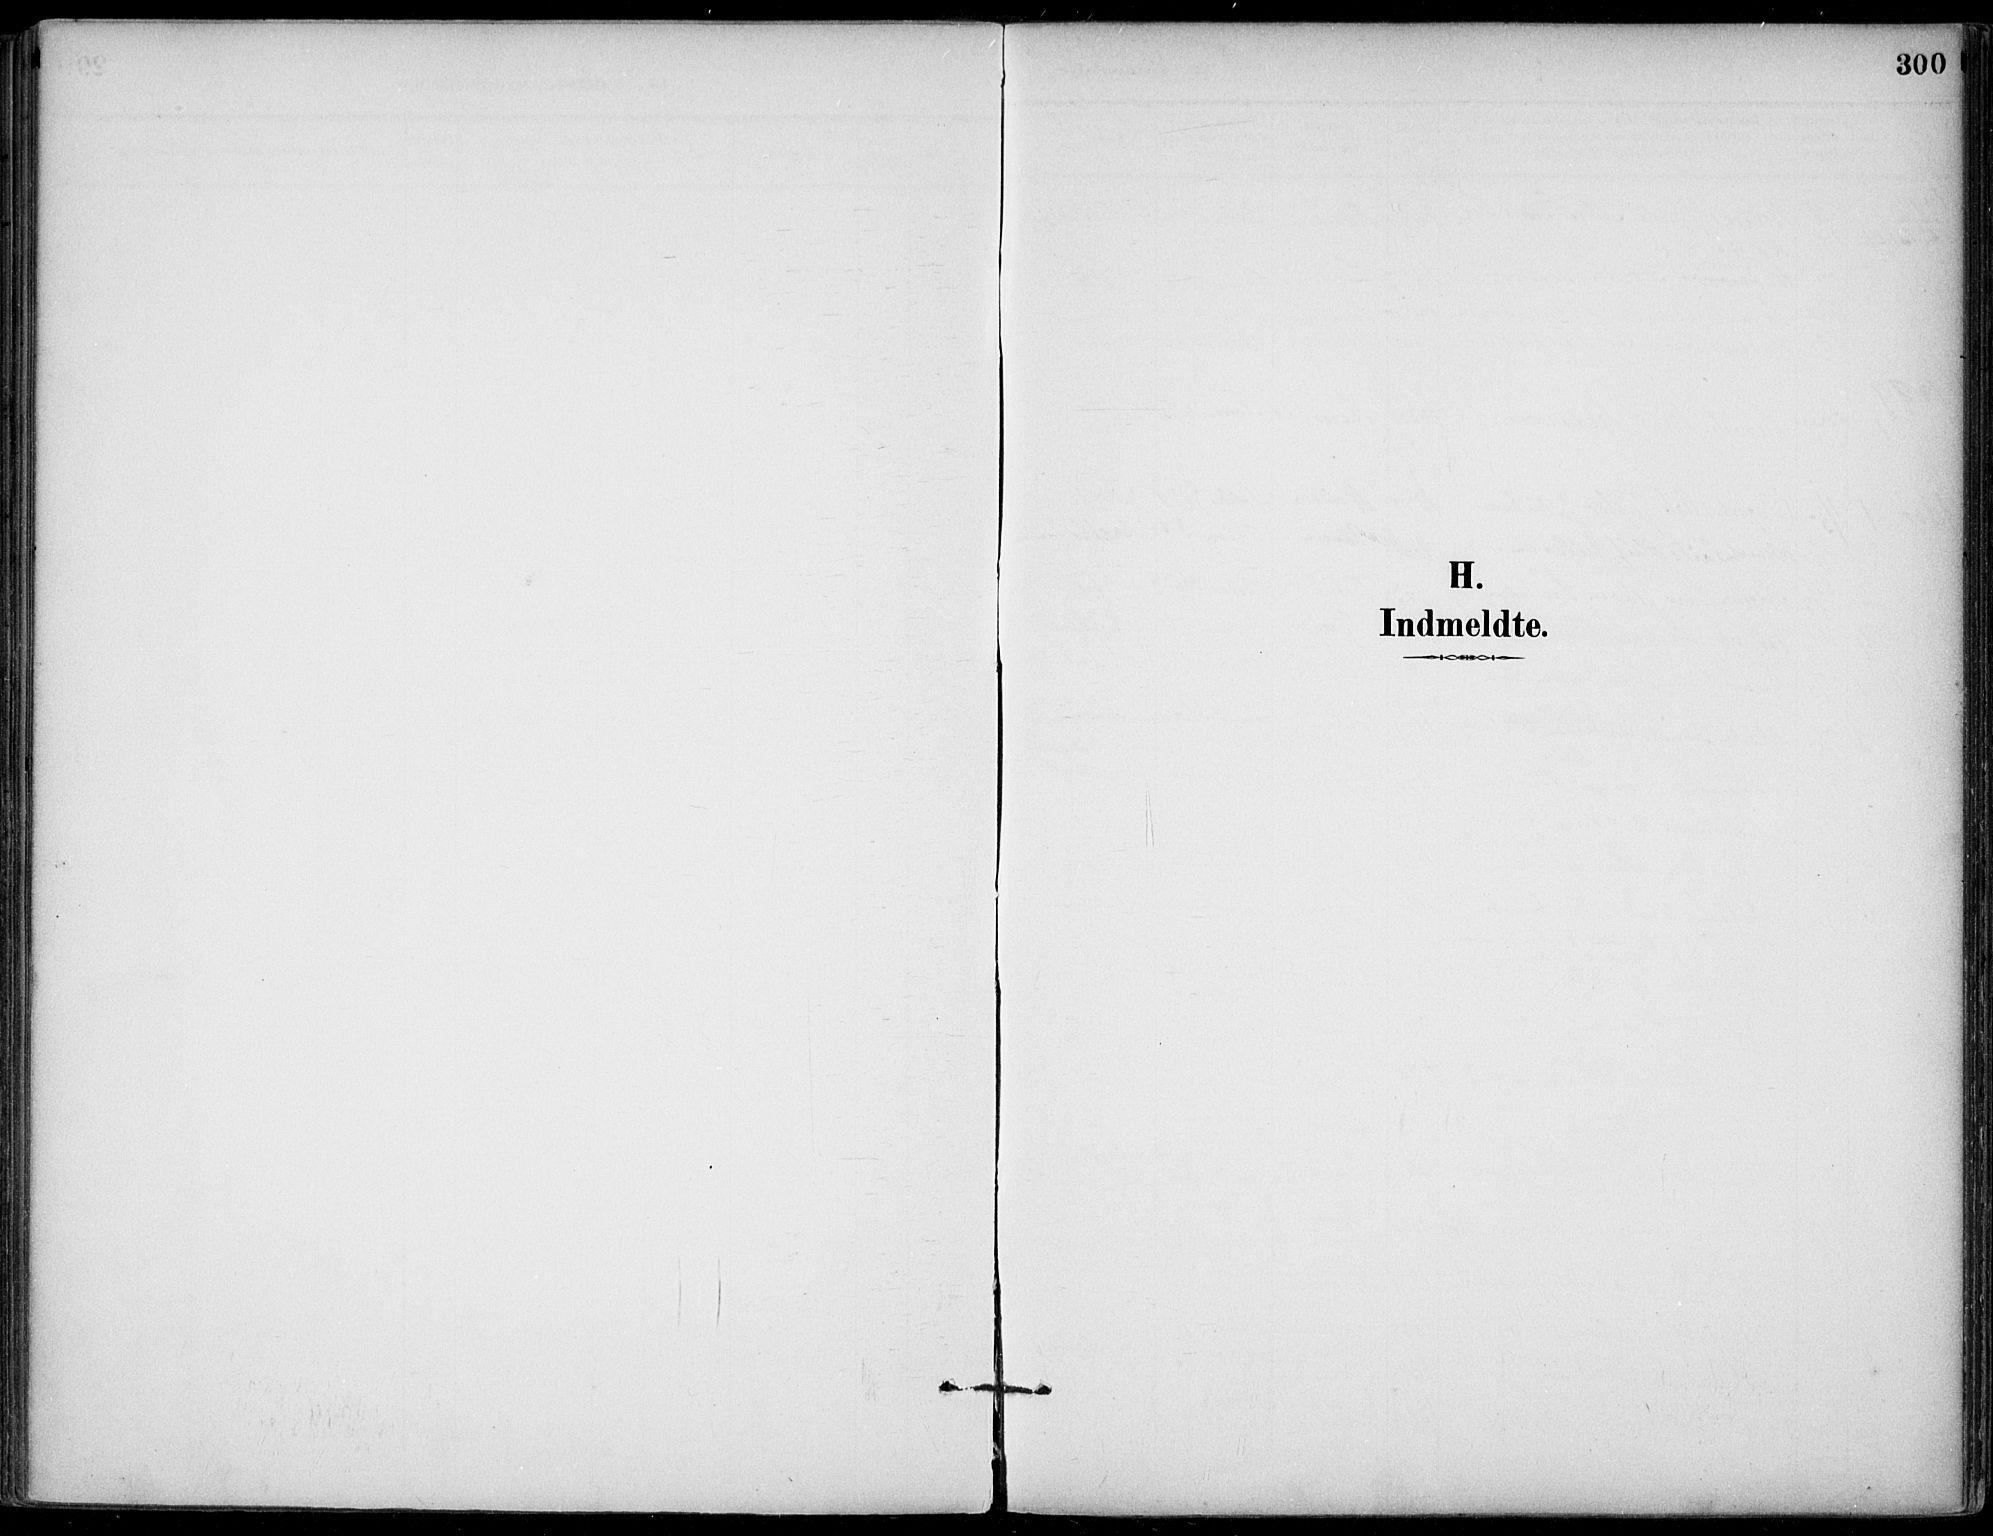 SAKO, Gjerpen kirkebøker, F/Fa/L0011: Ministerialbok nr. 11, 1896-1904, s. 300